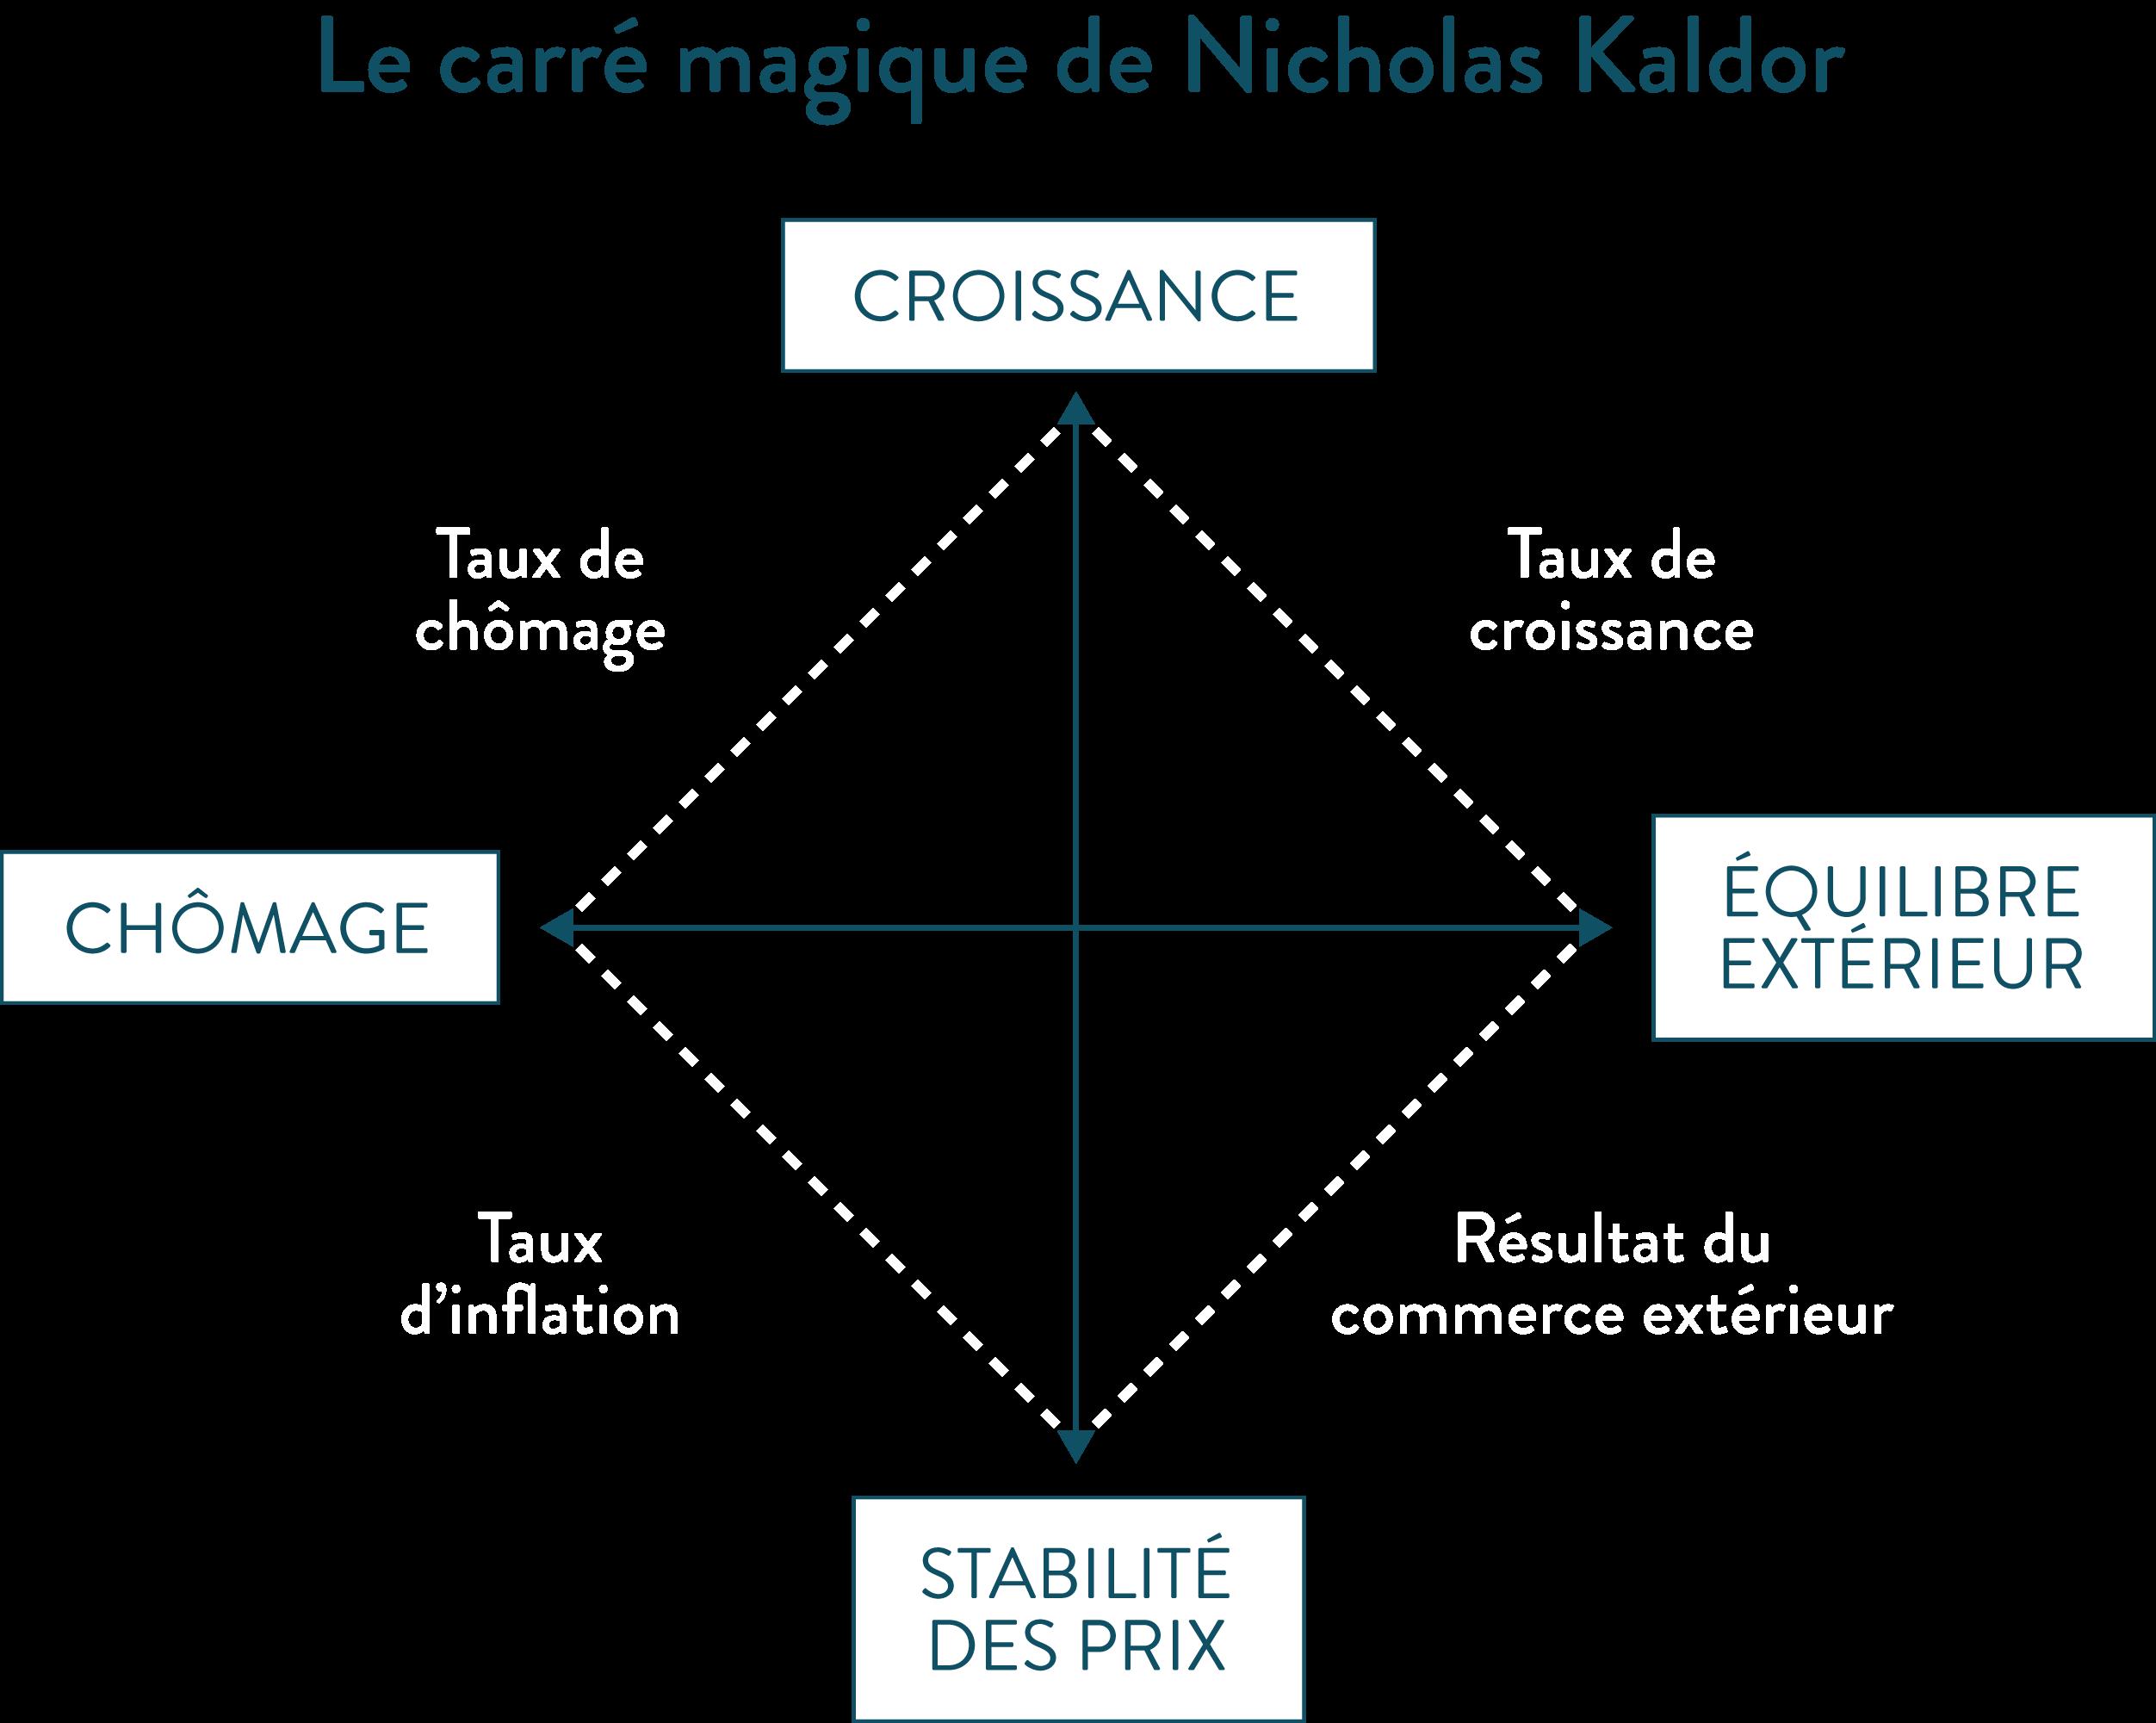 Le carré magique de Nicholas Kaldor politique conjoncturelle ses première